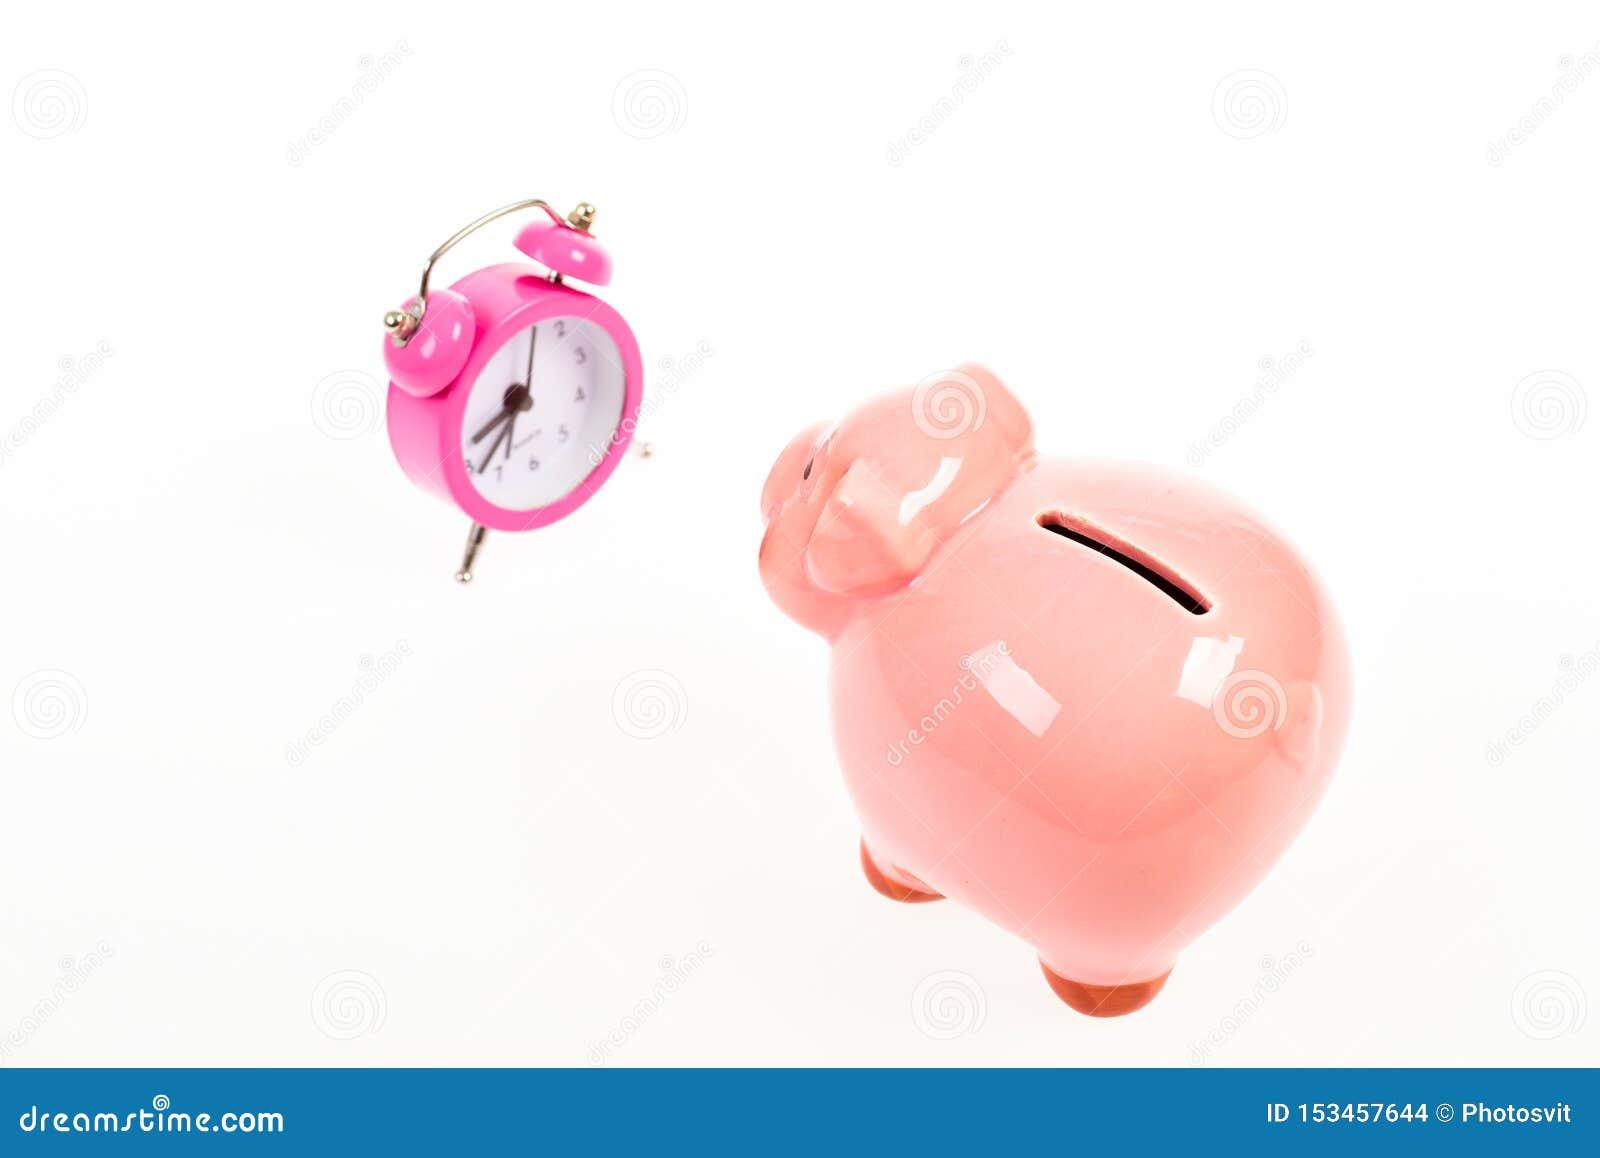 Время богатства r семейный бюджет запуск дела финансовое положение успех в финансах и коммерции piggy